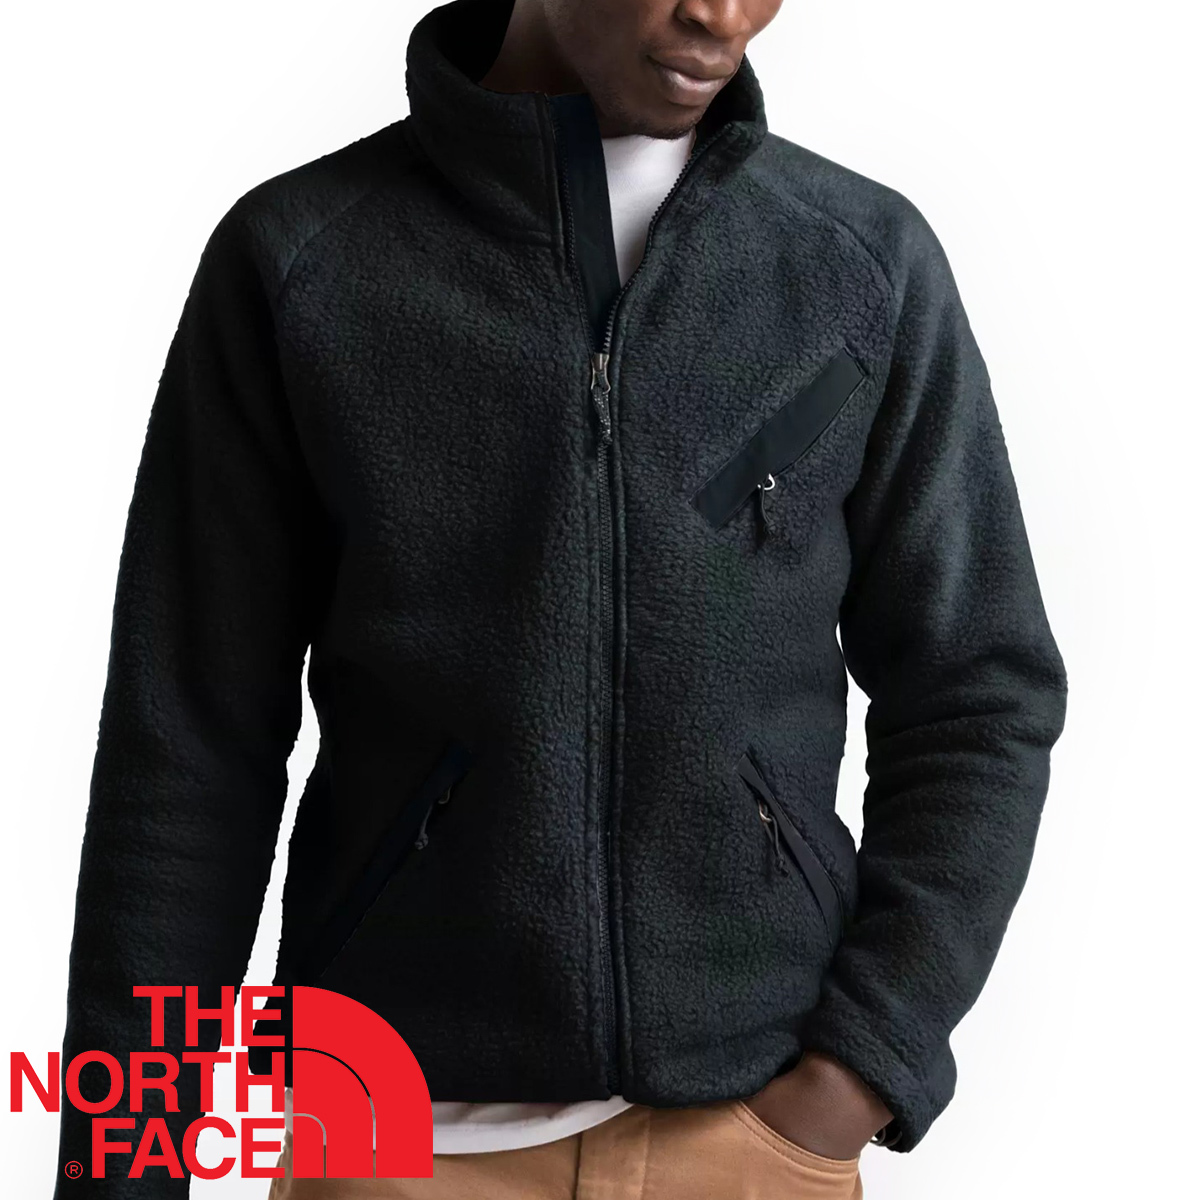 【新品本物 USA購入】THE NORTH FACE ノースフェイス ■ Cragmont Fleece ■ ブラック / L ■シェルパ フリースジャケット 海外限定_画像1